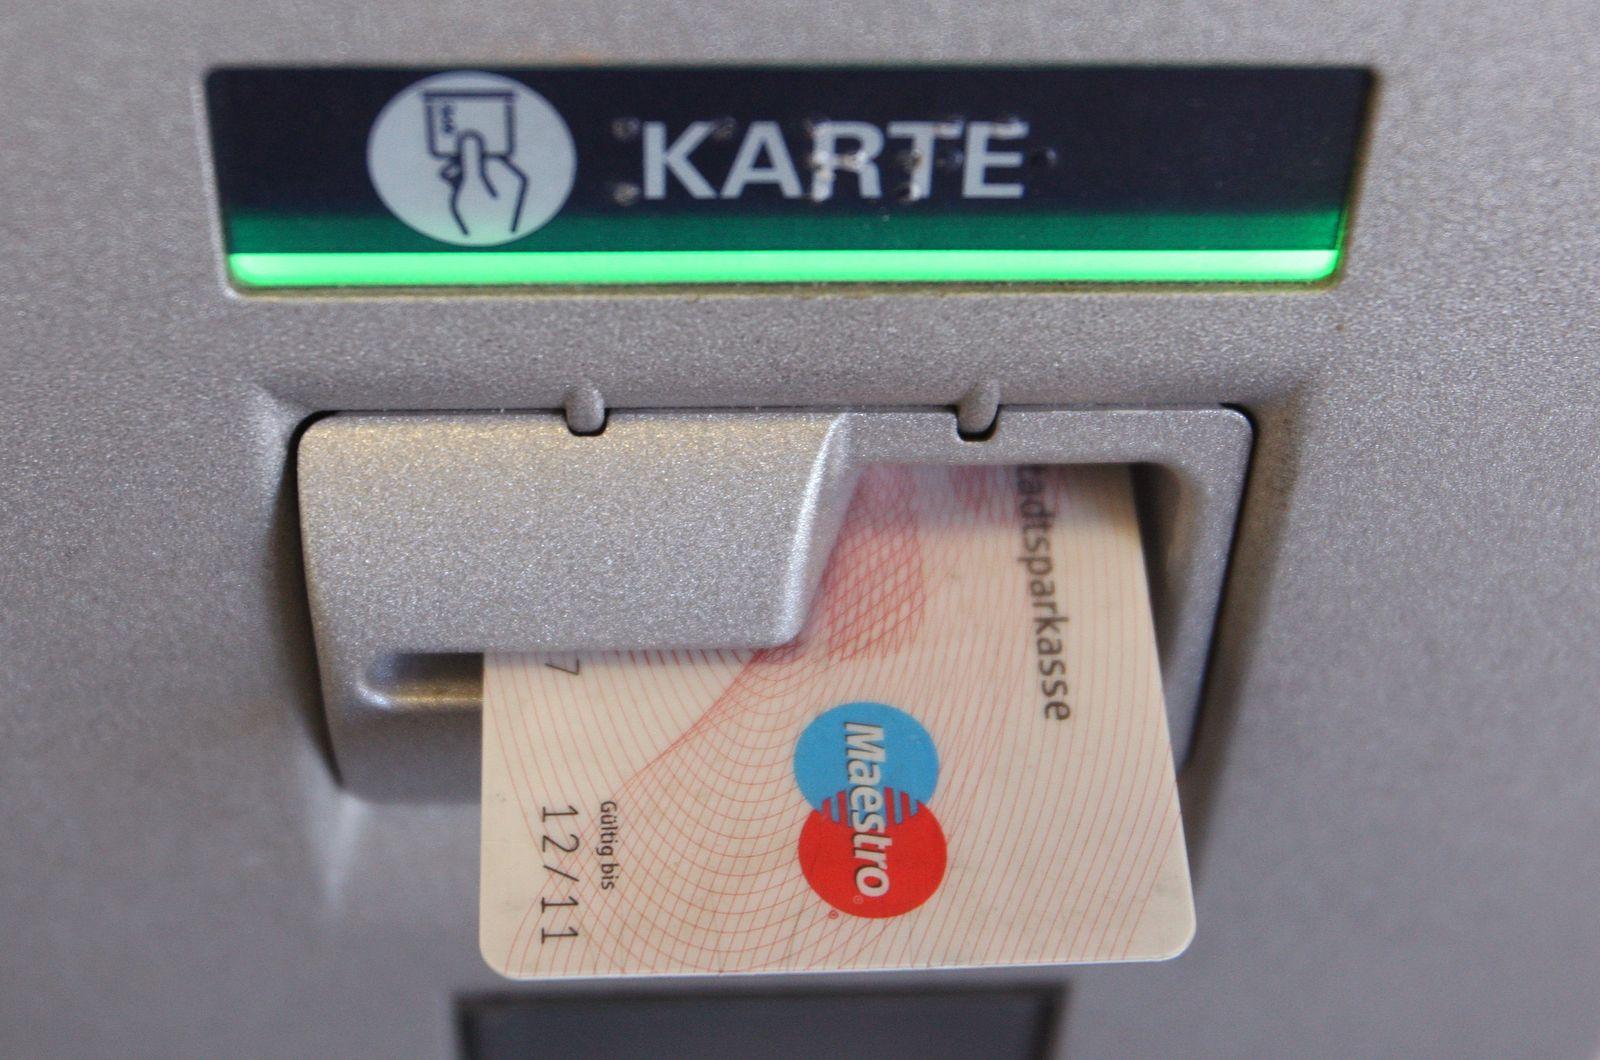 Sparkasse EC-Karte